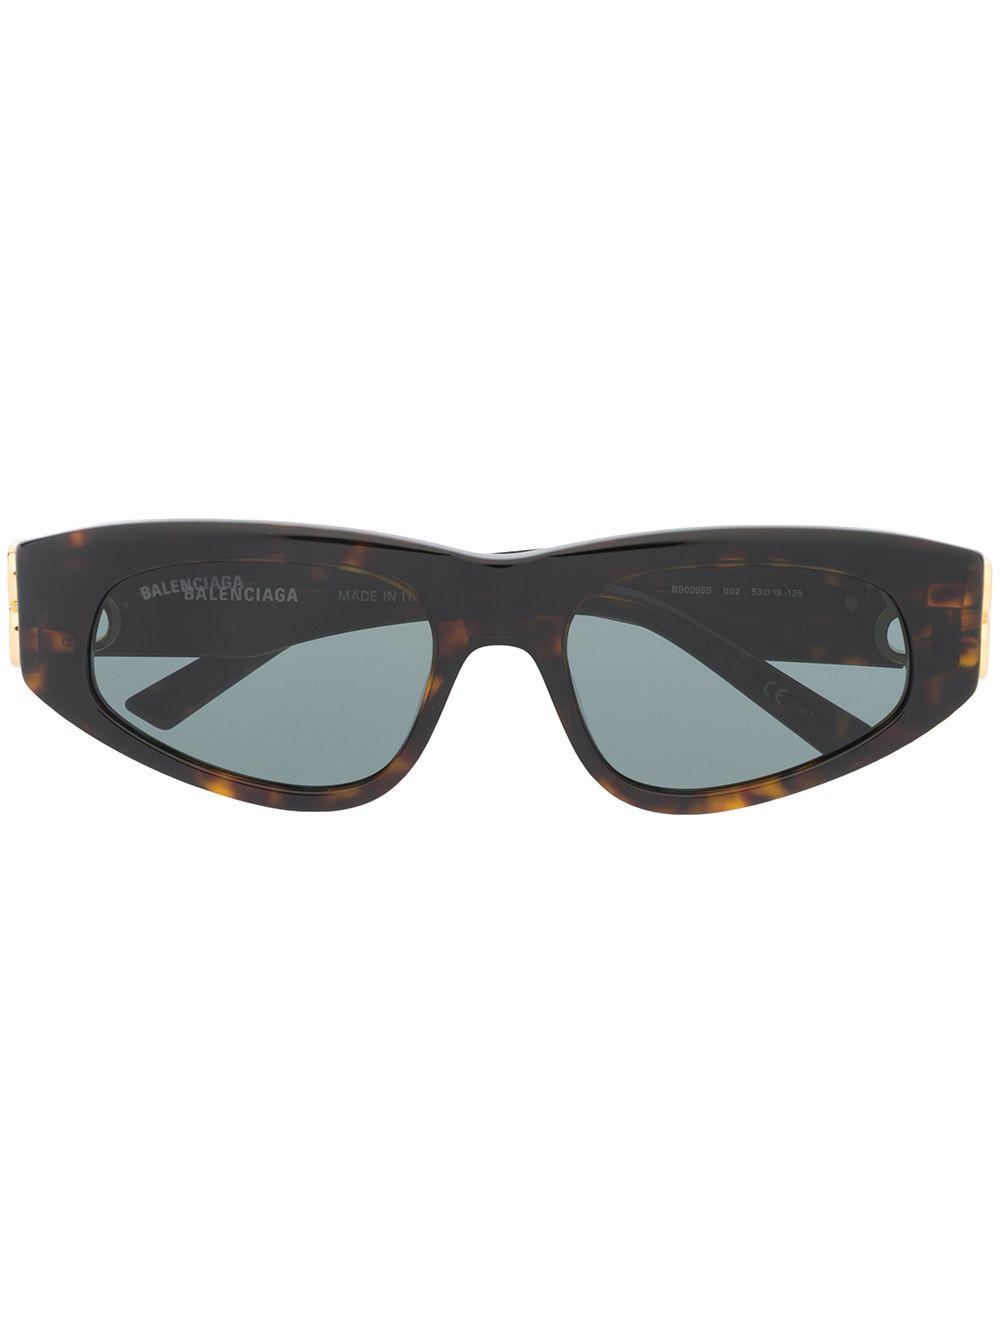 Dynasty D-fram Sunglasses